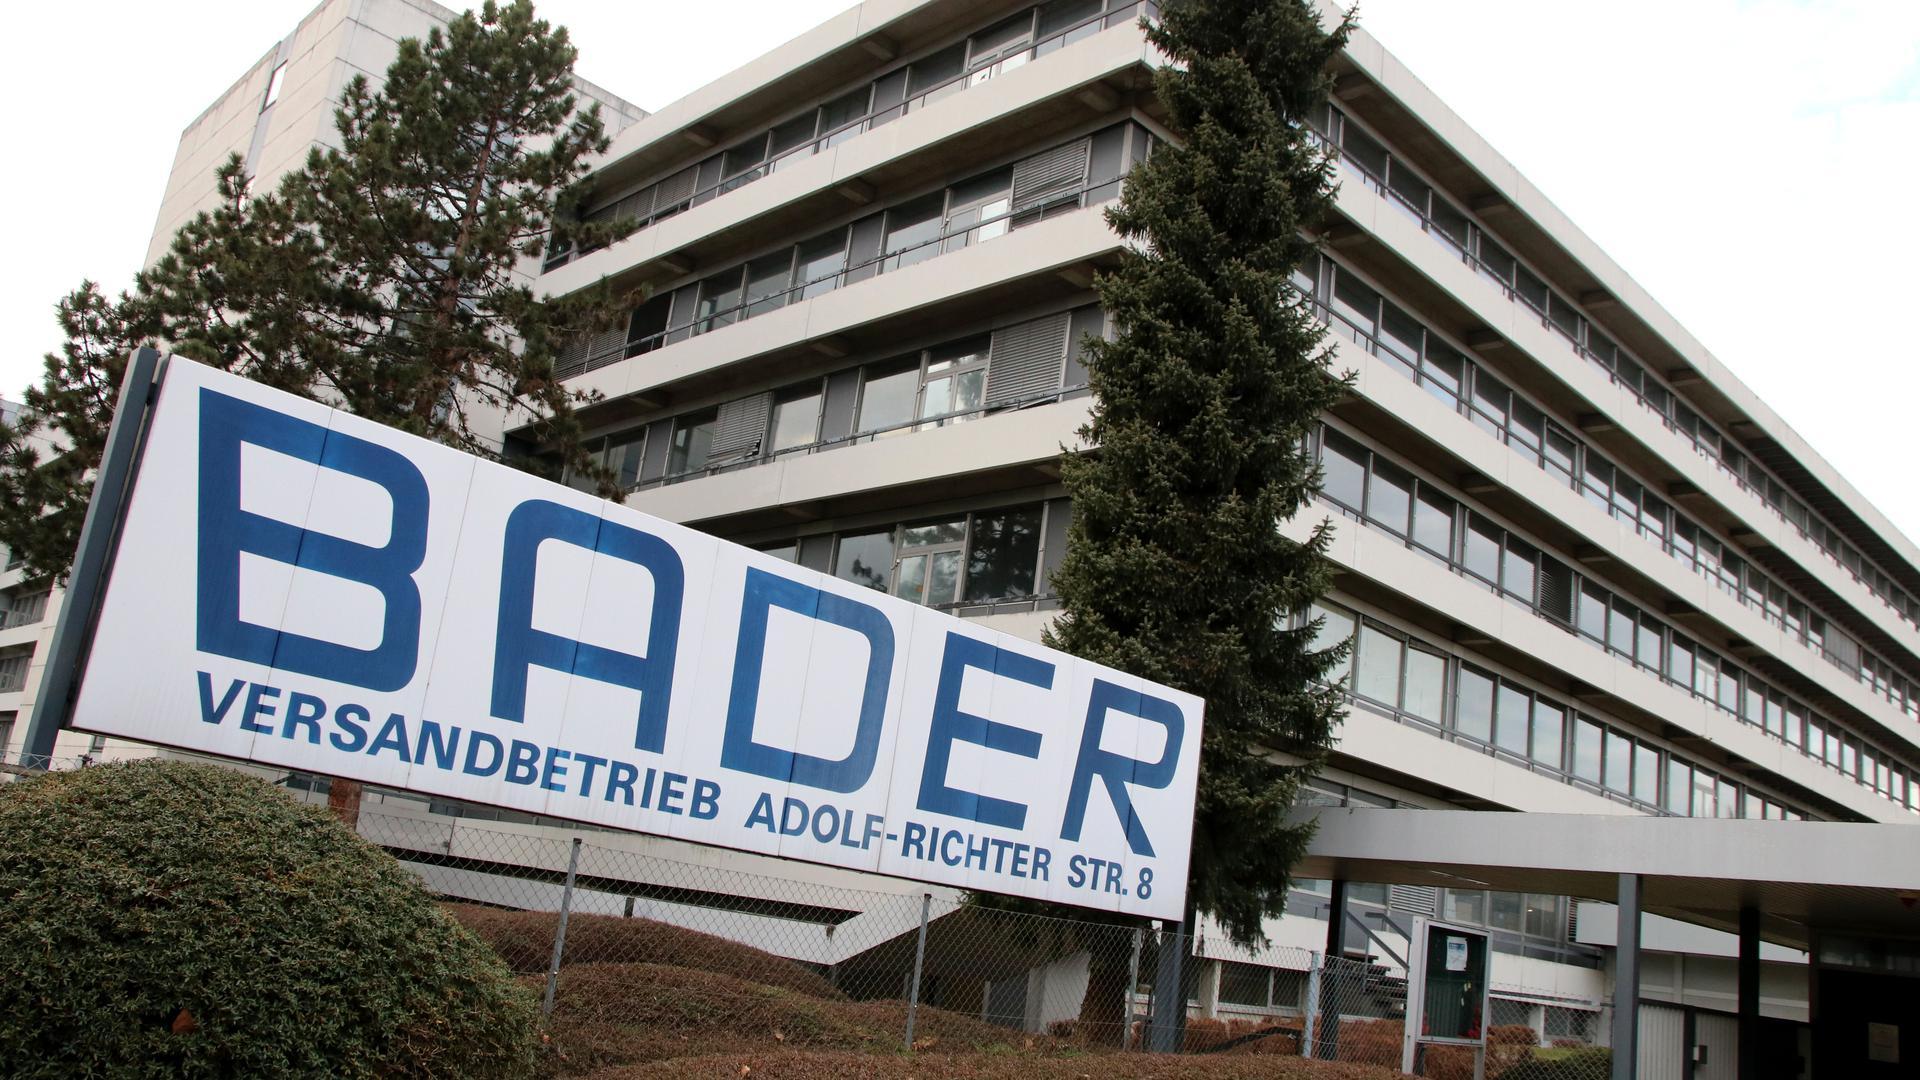 Neues Domizil: Das Gesundheitszentrum soll im April im Bader-Gebäude als Zwischenlösung in der Adolf-Richter-Straße wiedereröffnet werden. Mitte 2022 soll die Reha-Einrichtung endgültig in die Maximilianstraße umziehen.